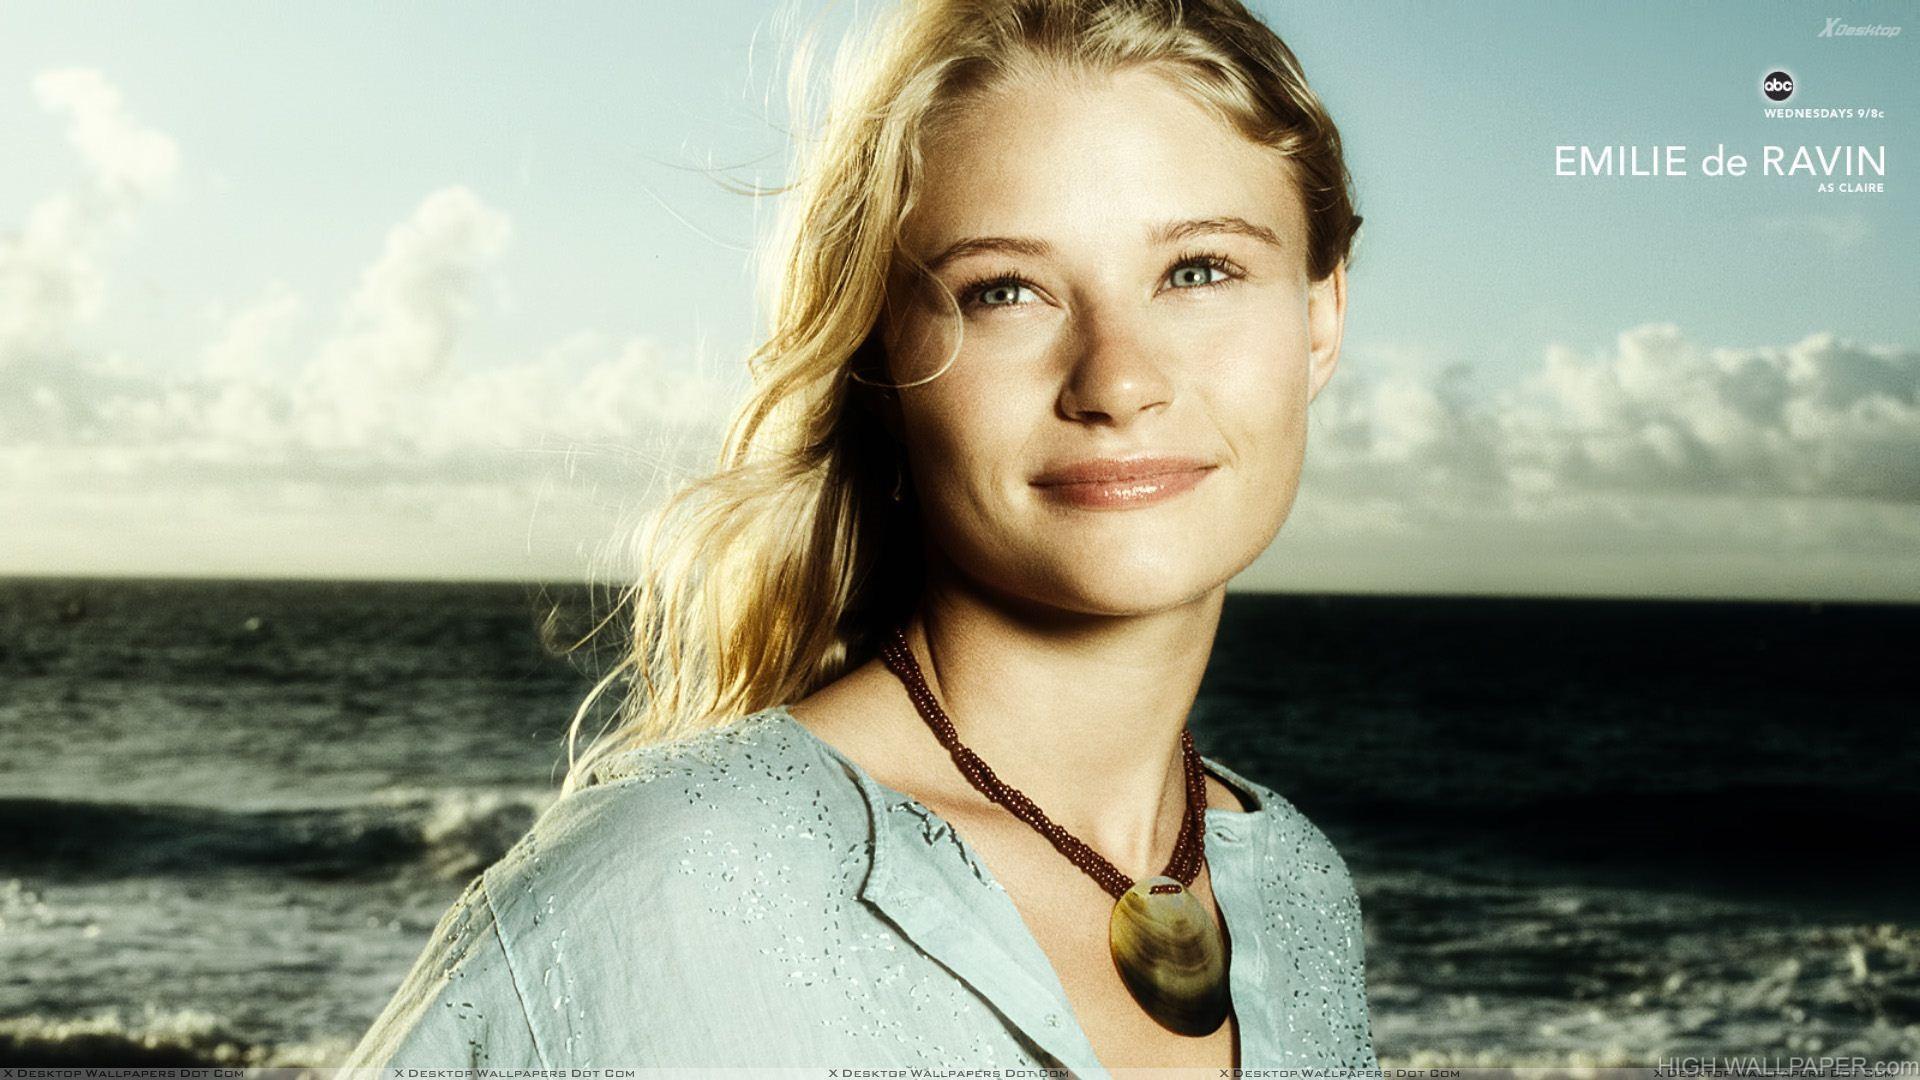 Lost   Emilie de Ravin Smiling Cute Face